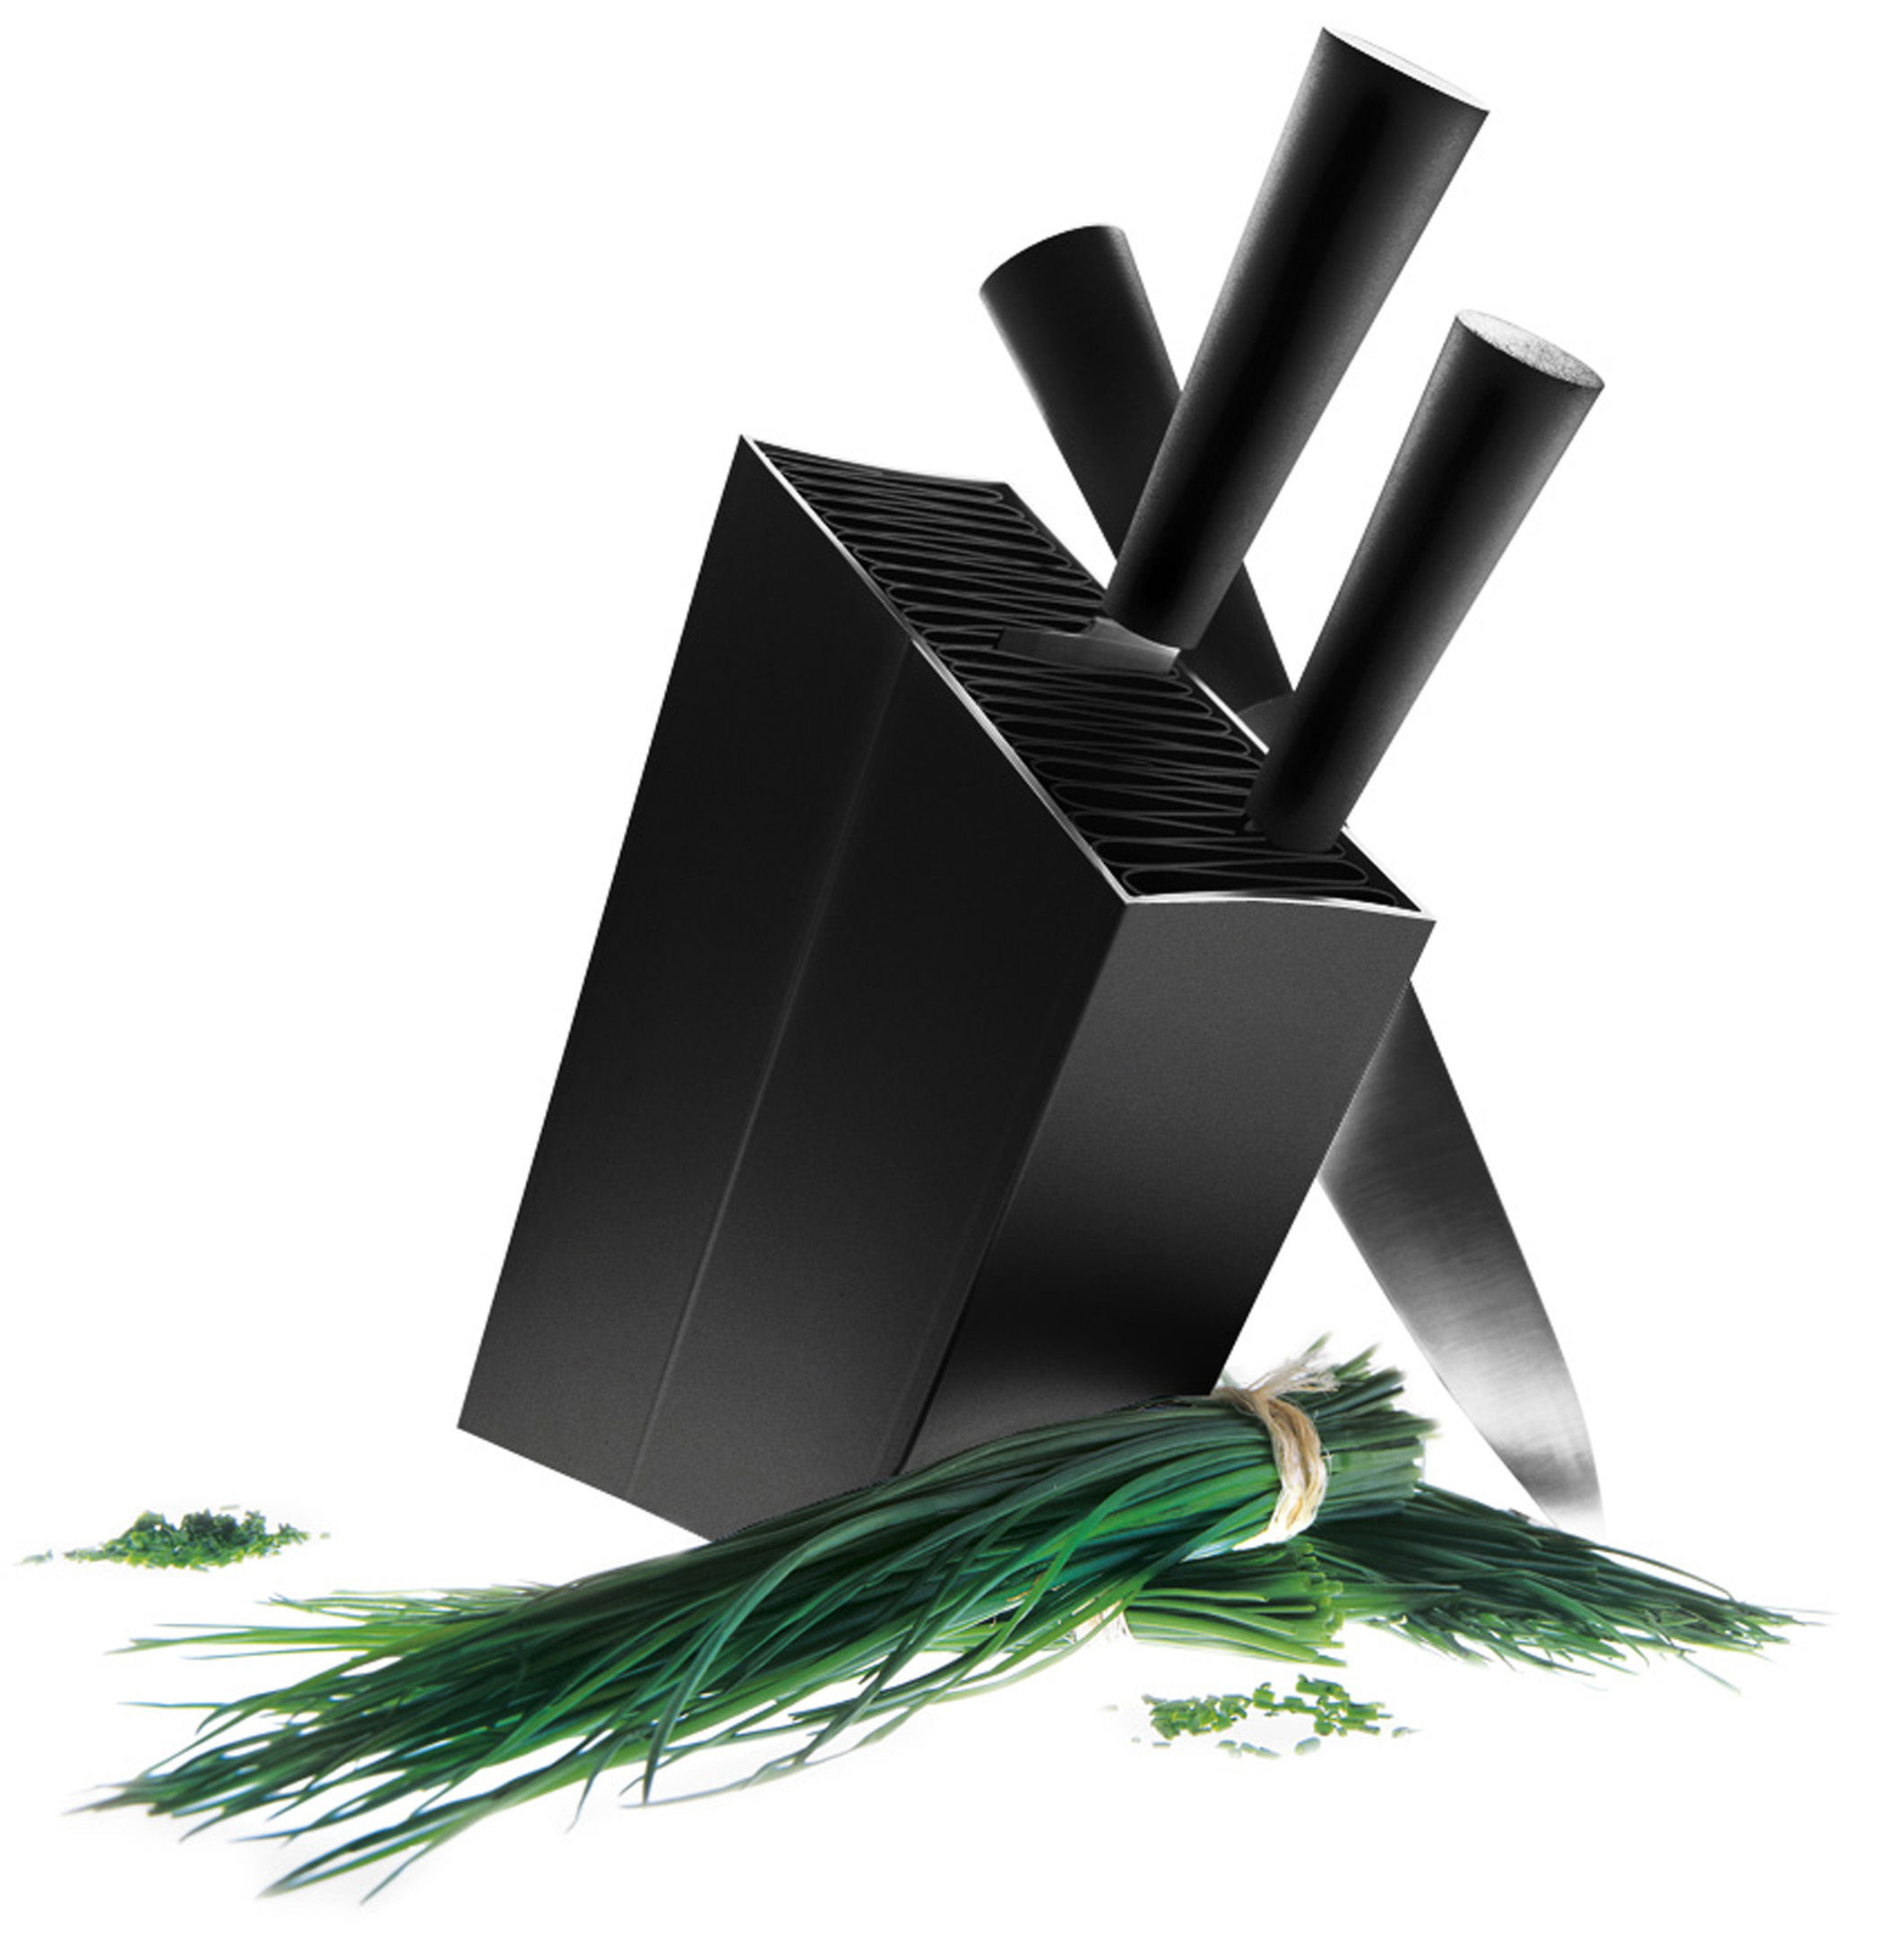 Cuisine - Couteaux de cuisine - Bloc à couteaux / Incliné - Eva Solo - Noir - Aluminium anodisé, Polypropylène